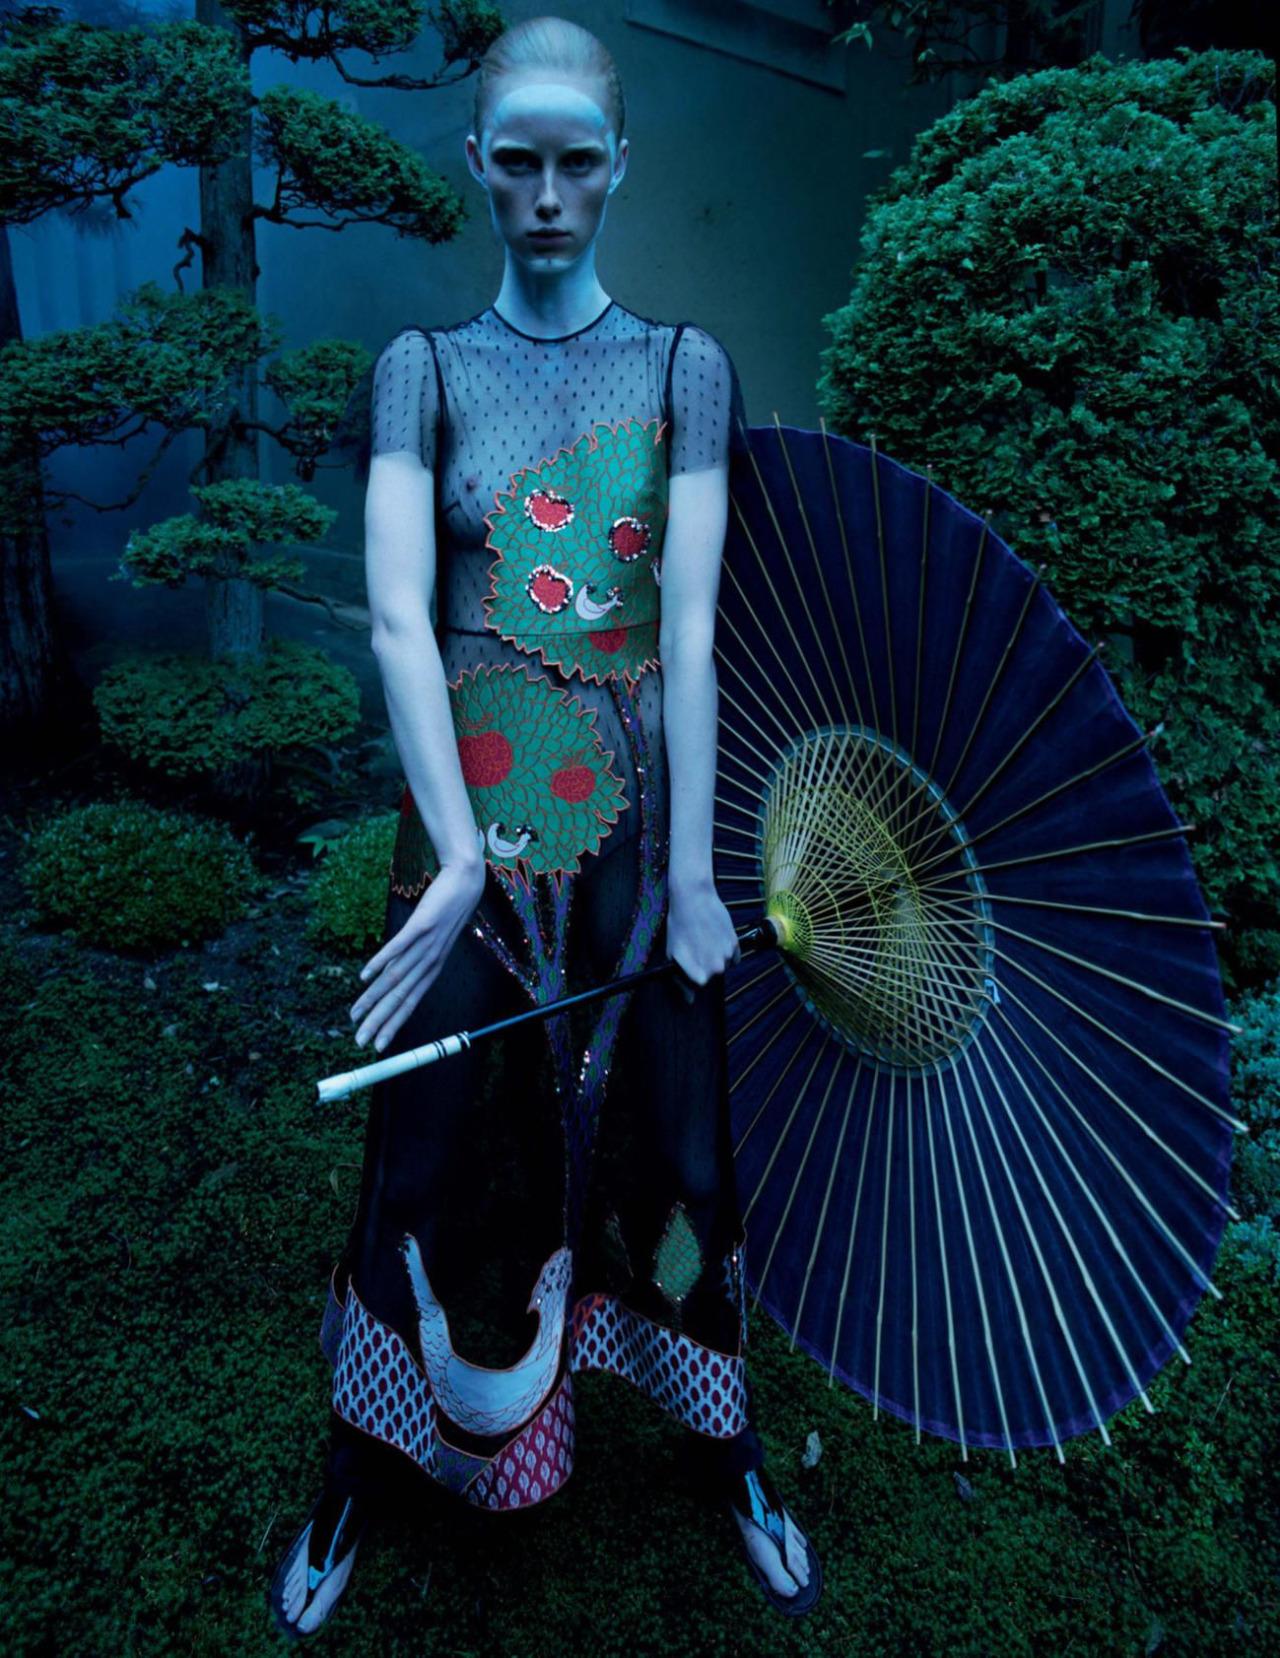 Rianne_van_Rompaey-Tim_Walker-Vogue-01.jpg